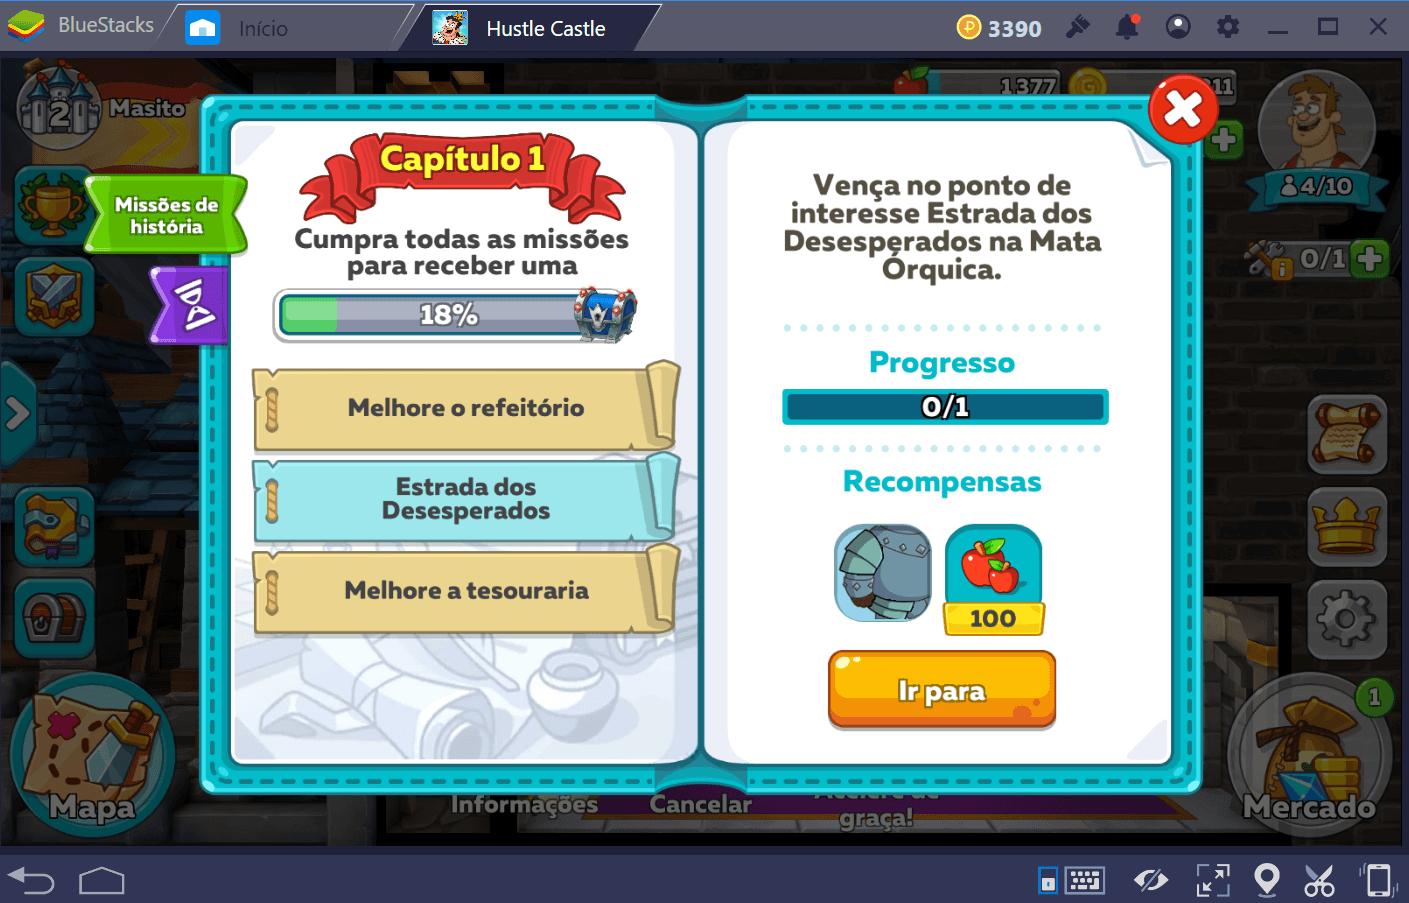 Como conseguir mais ouro em Hustle Castle: Vida do Castelo